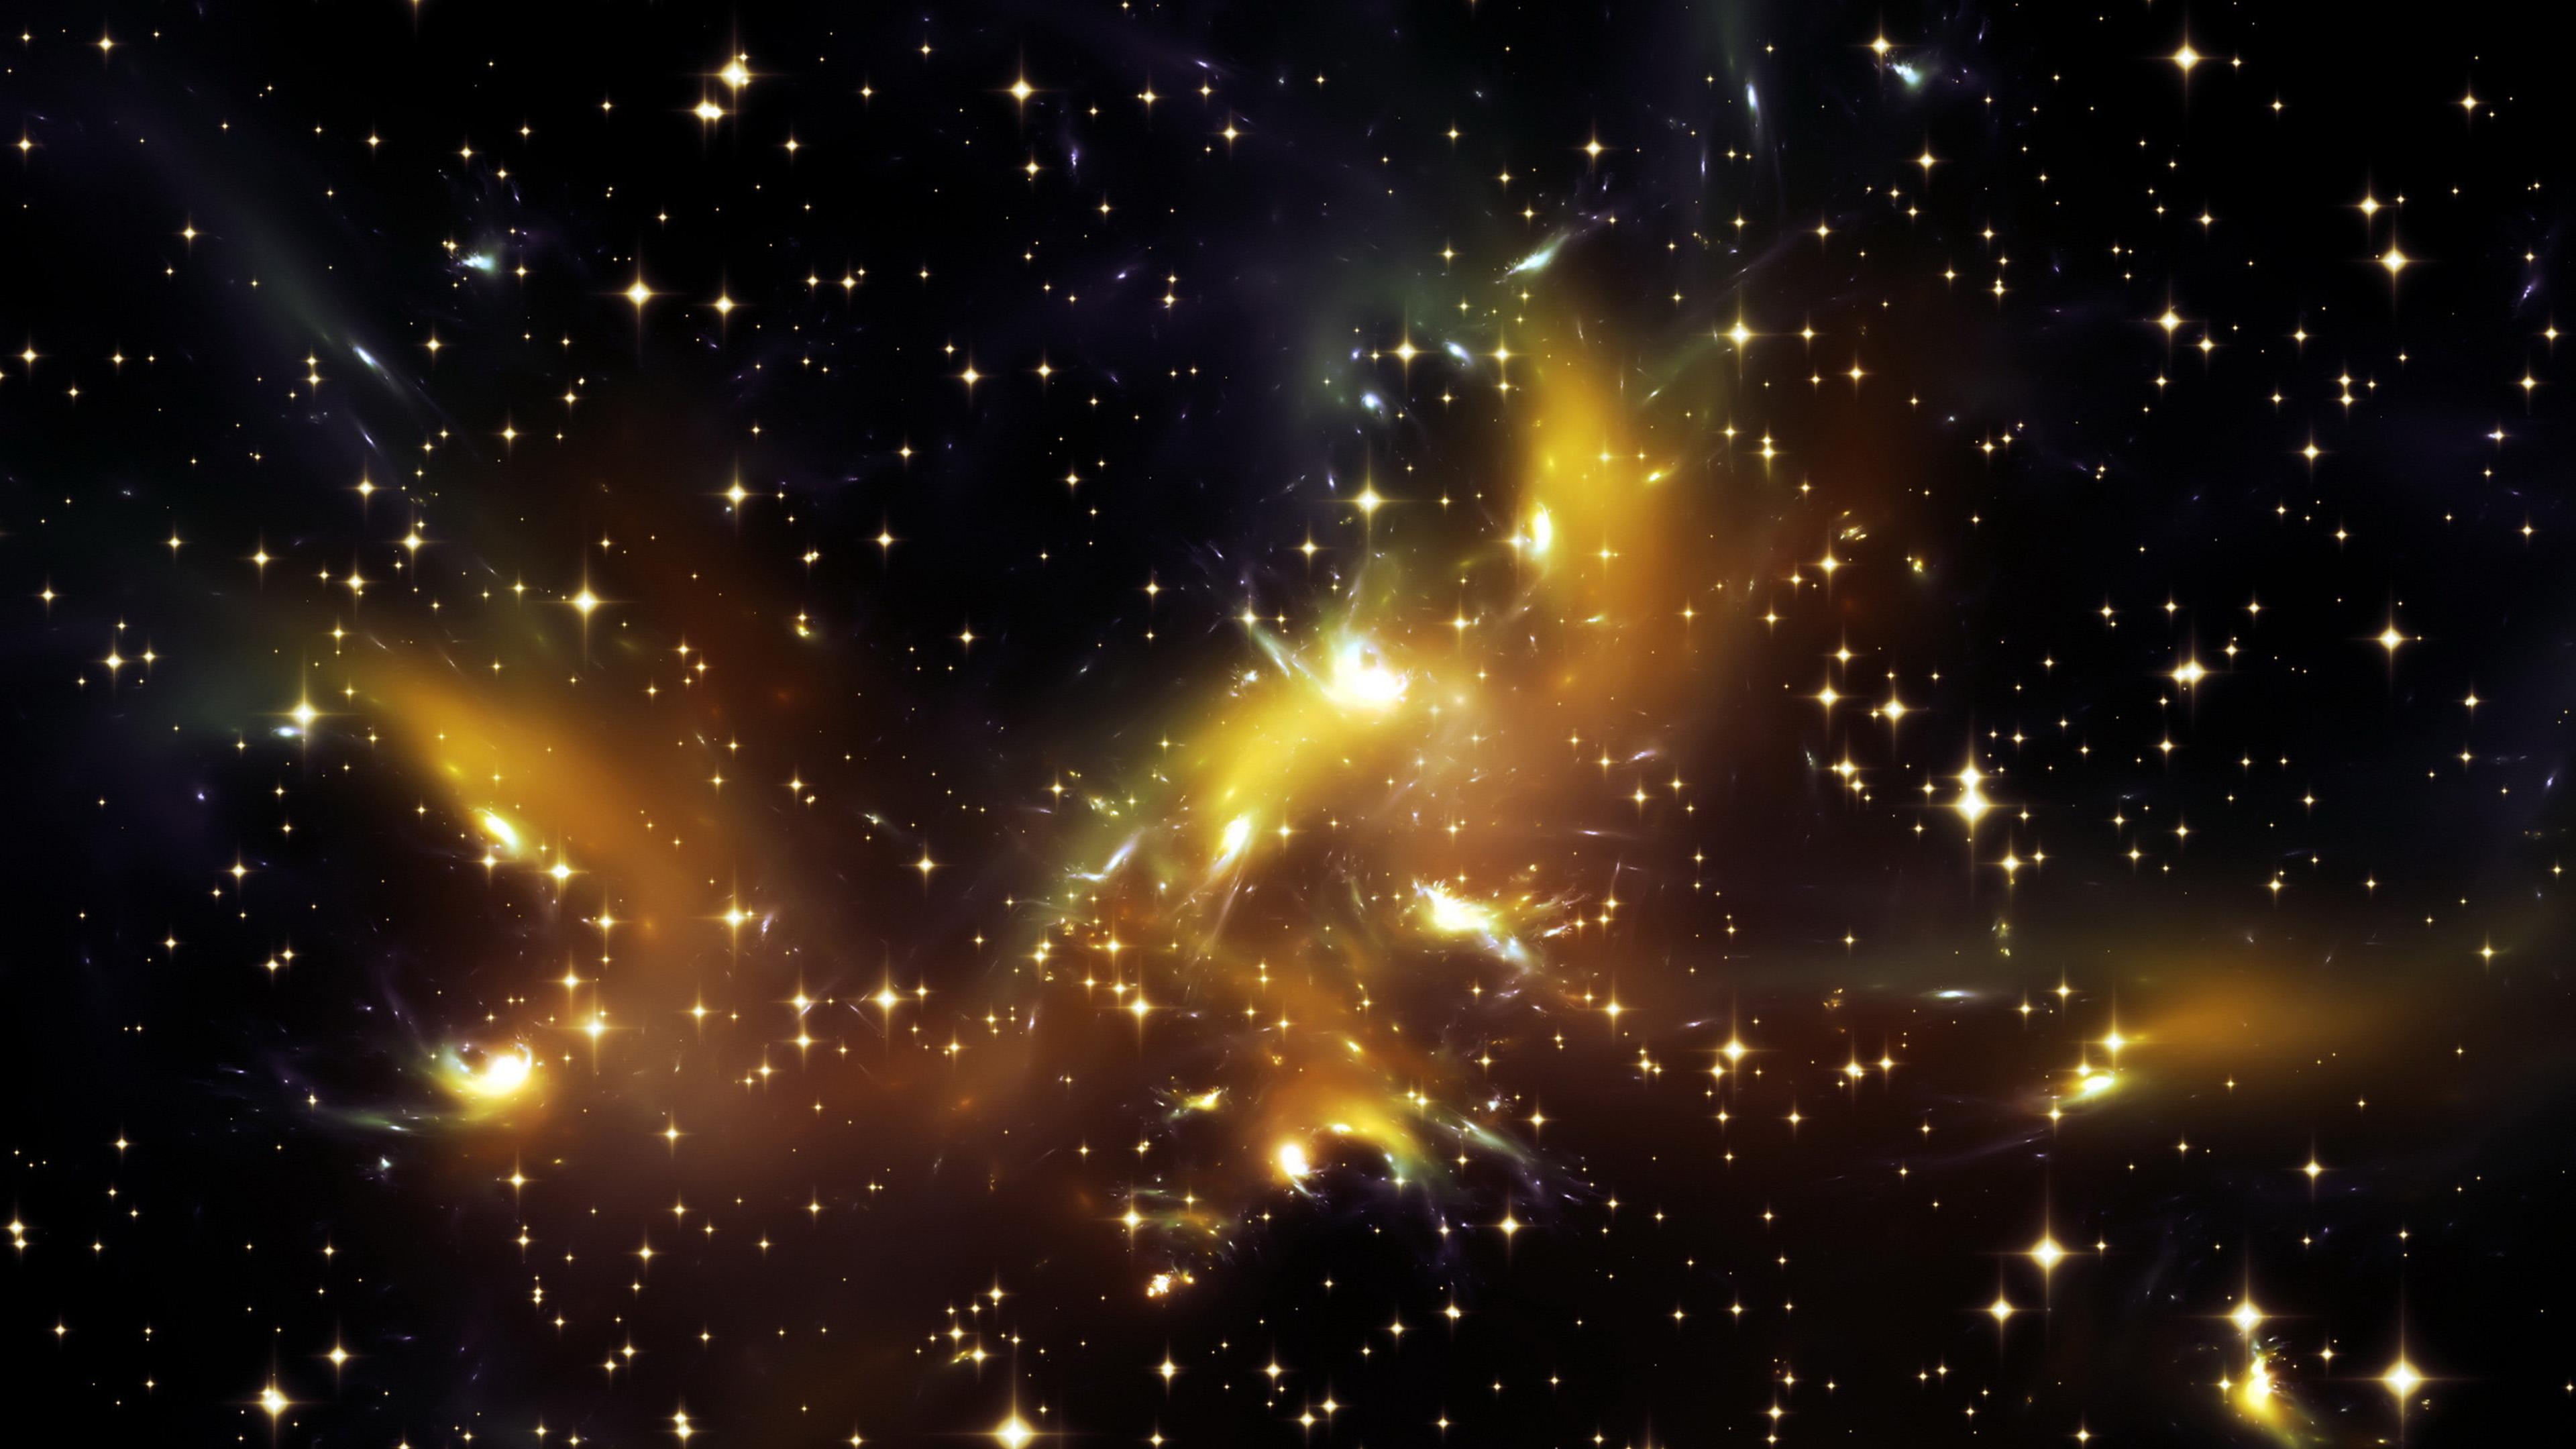 Fall Abstract Wallpaper Vu71 Space Star Dark Pattern Wallpaper